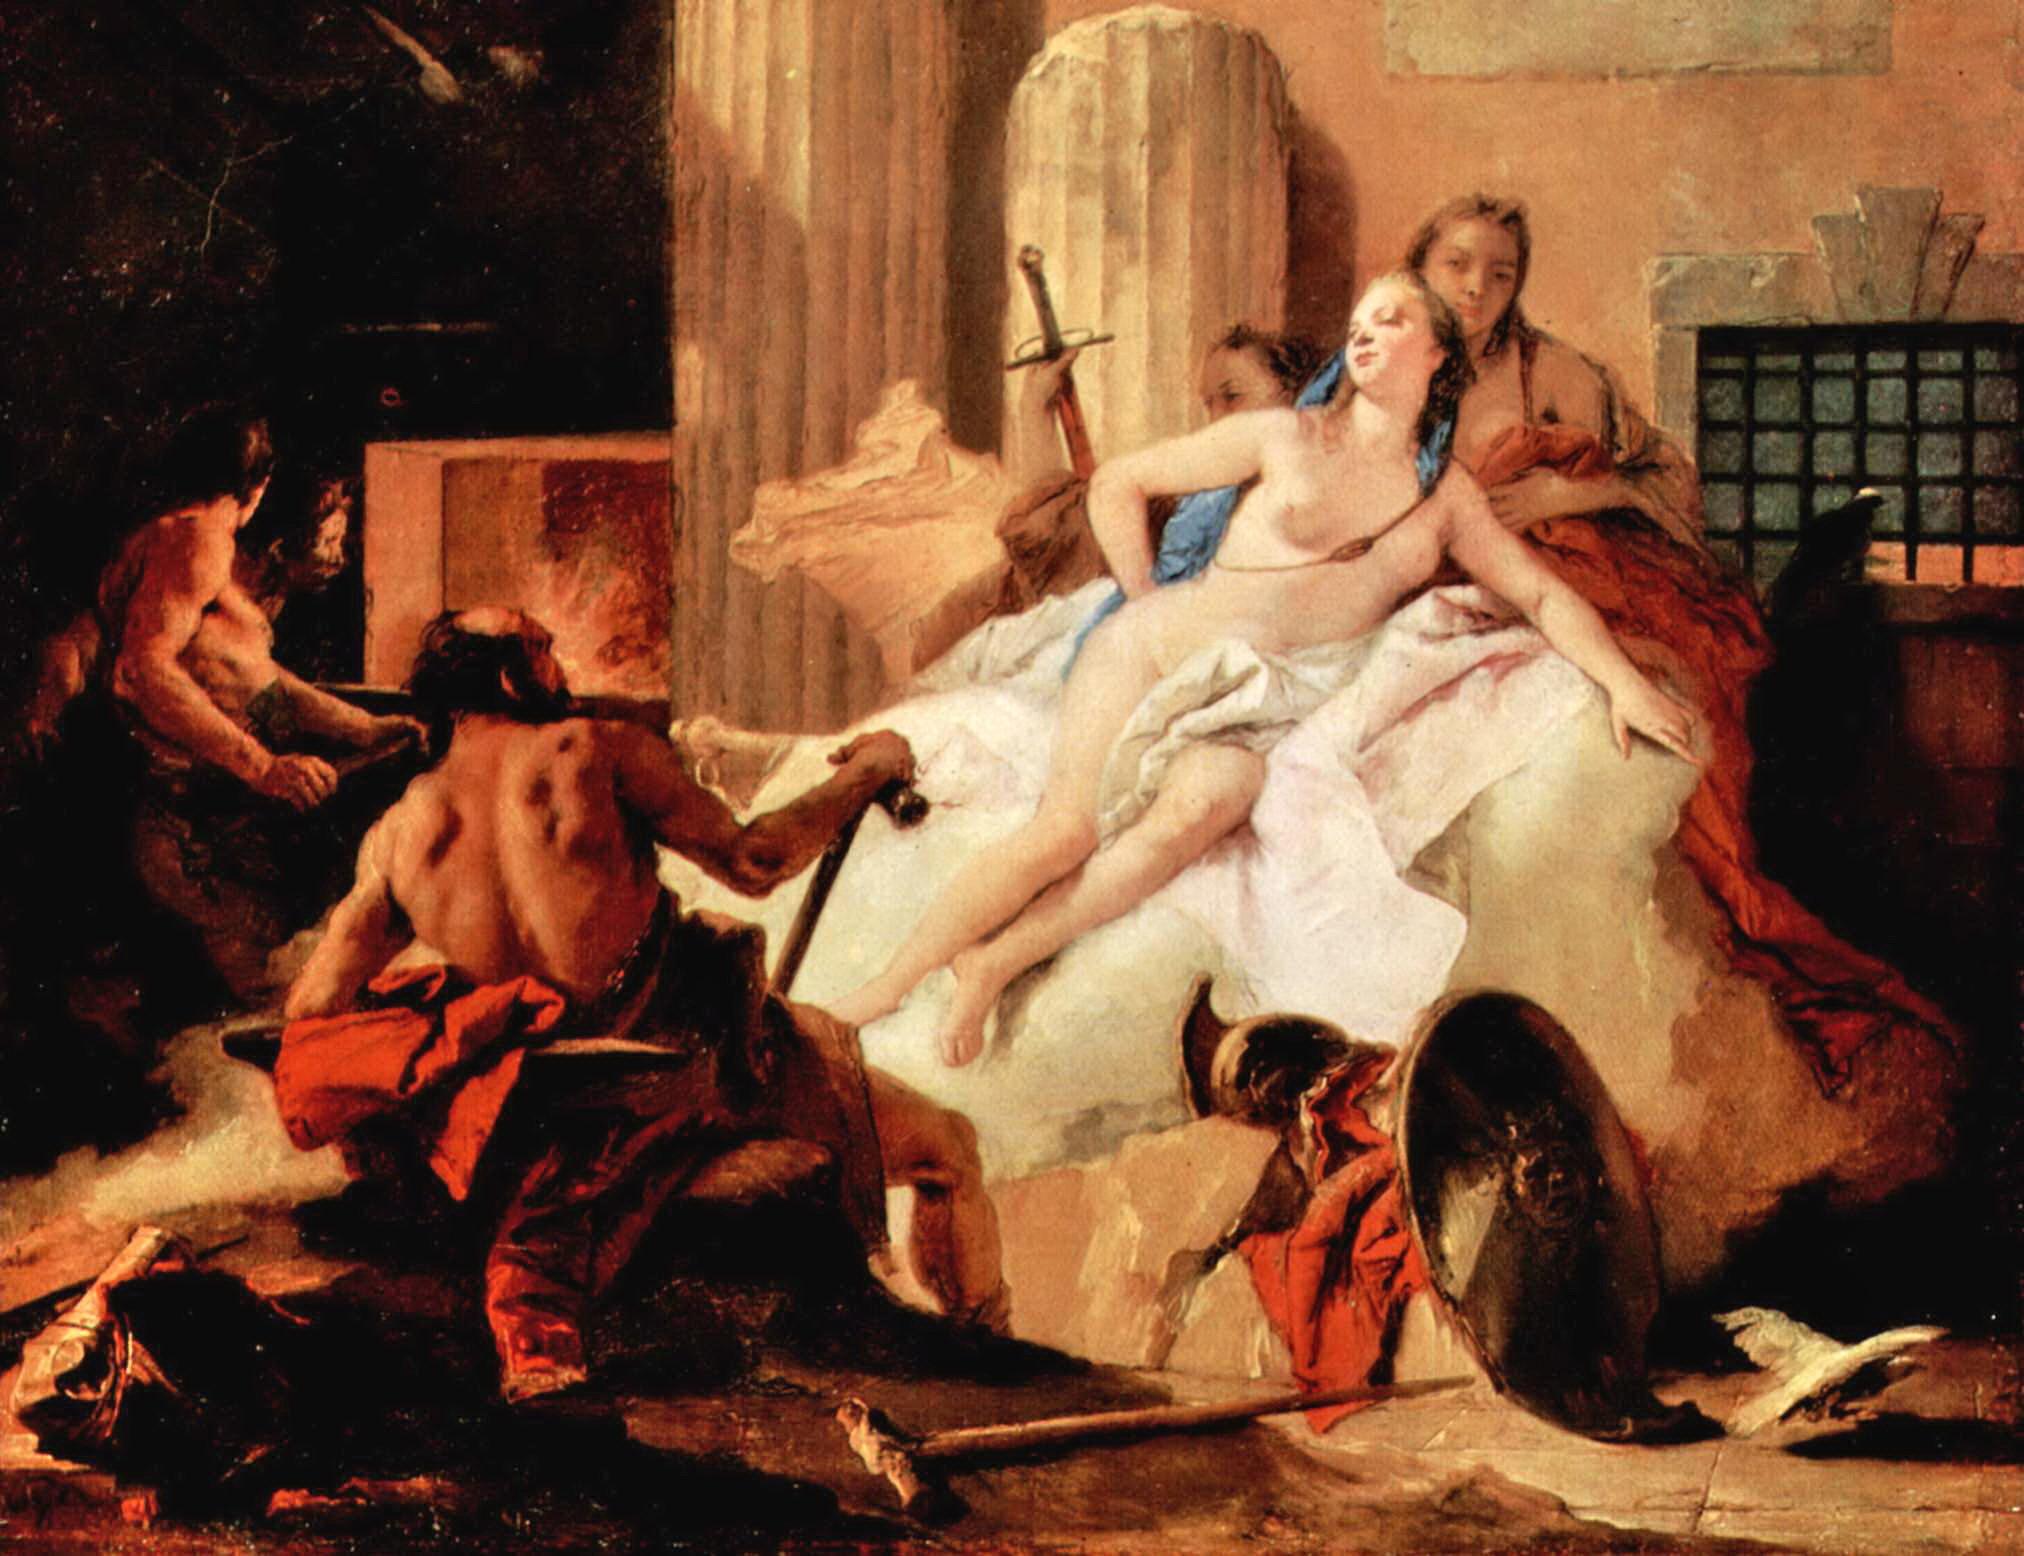 Venere e Vulcano - Giovanni Battista Tiepolo - 1758-60